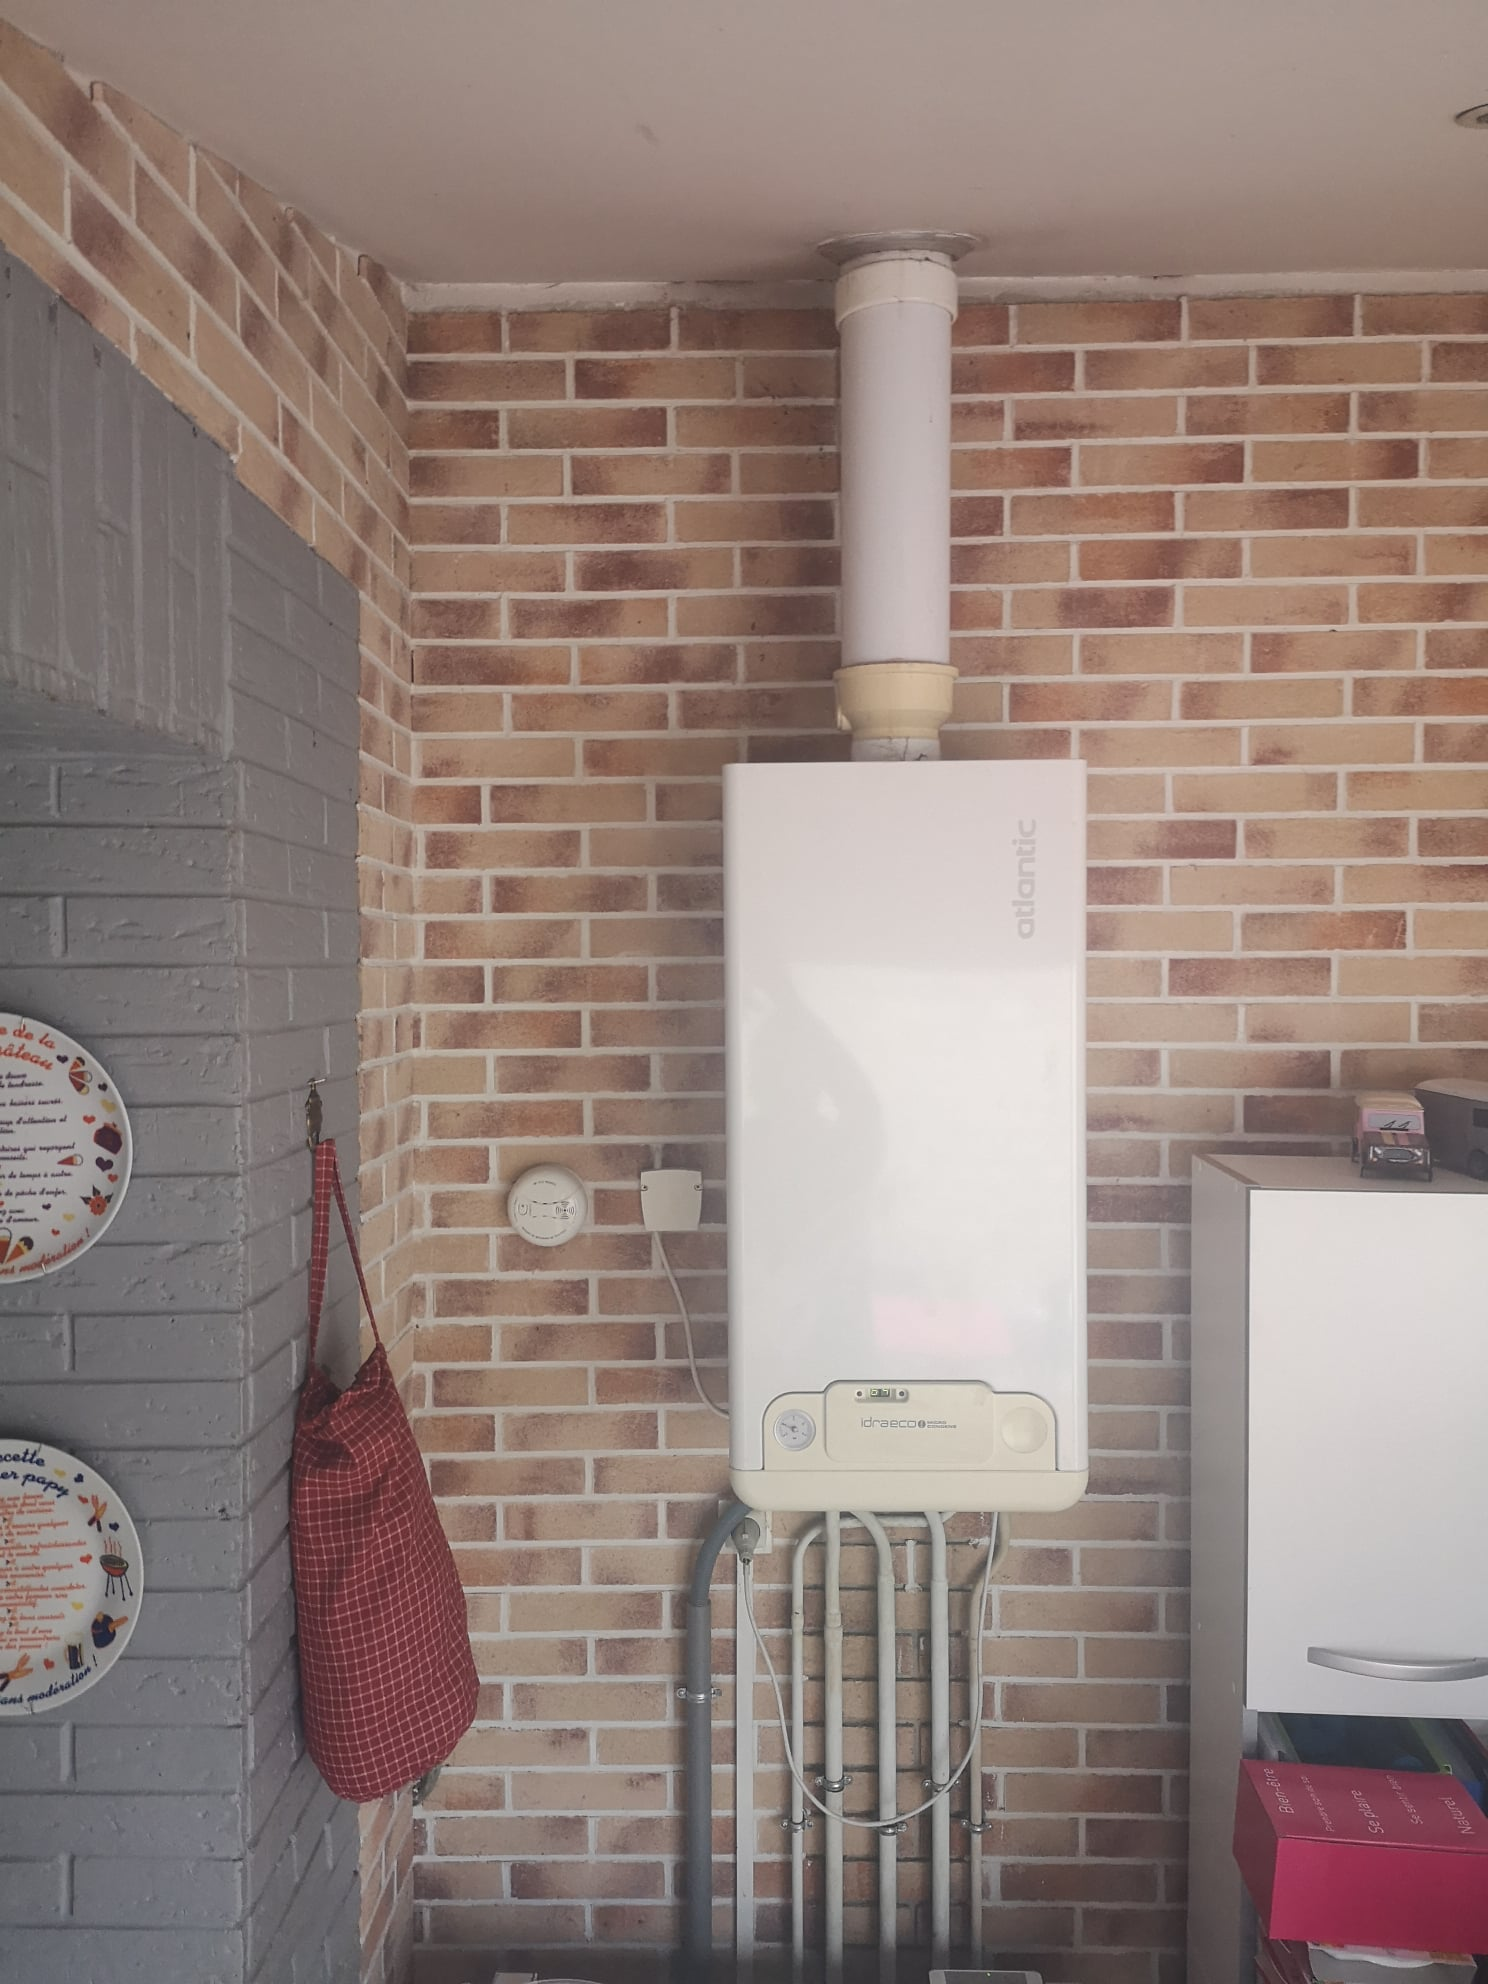 Remplacement d'une chaudière gaz murale